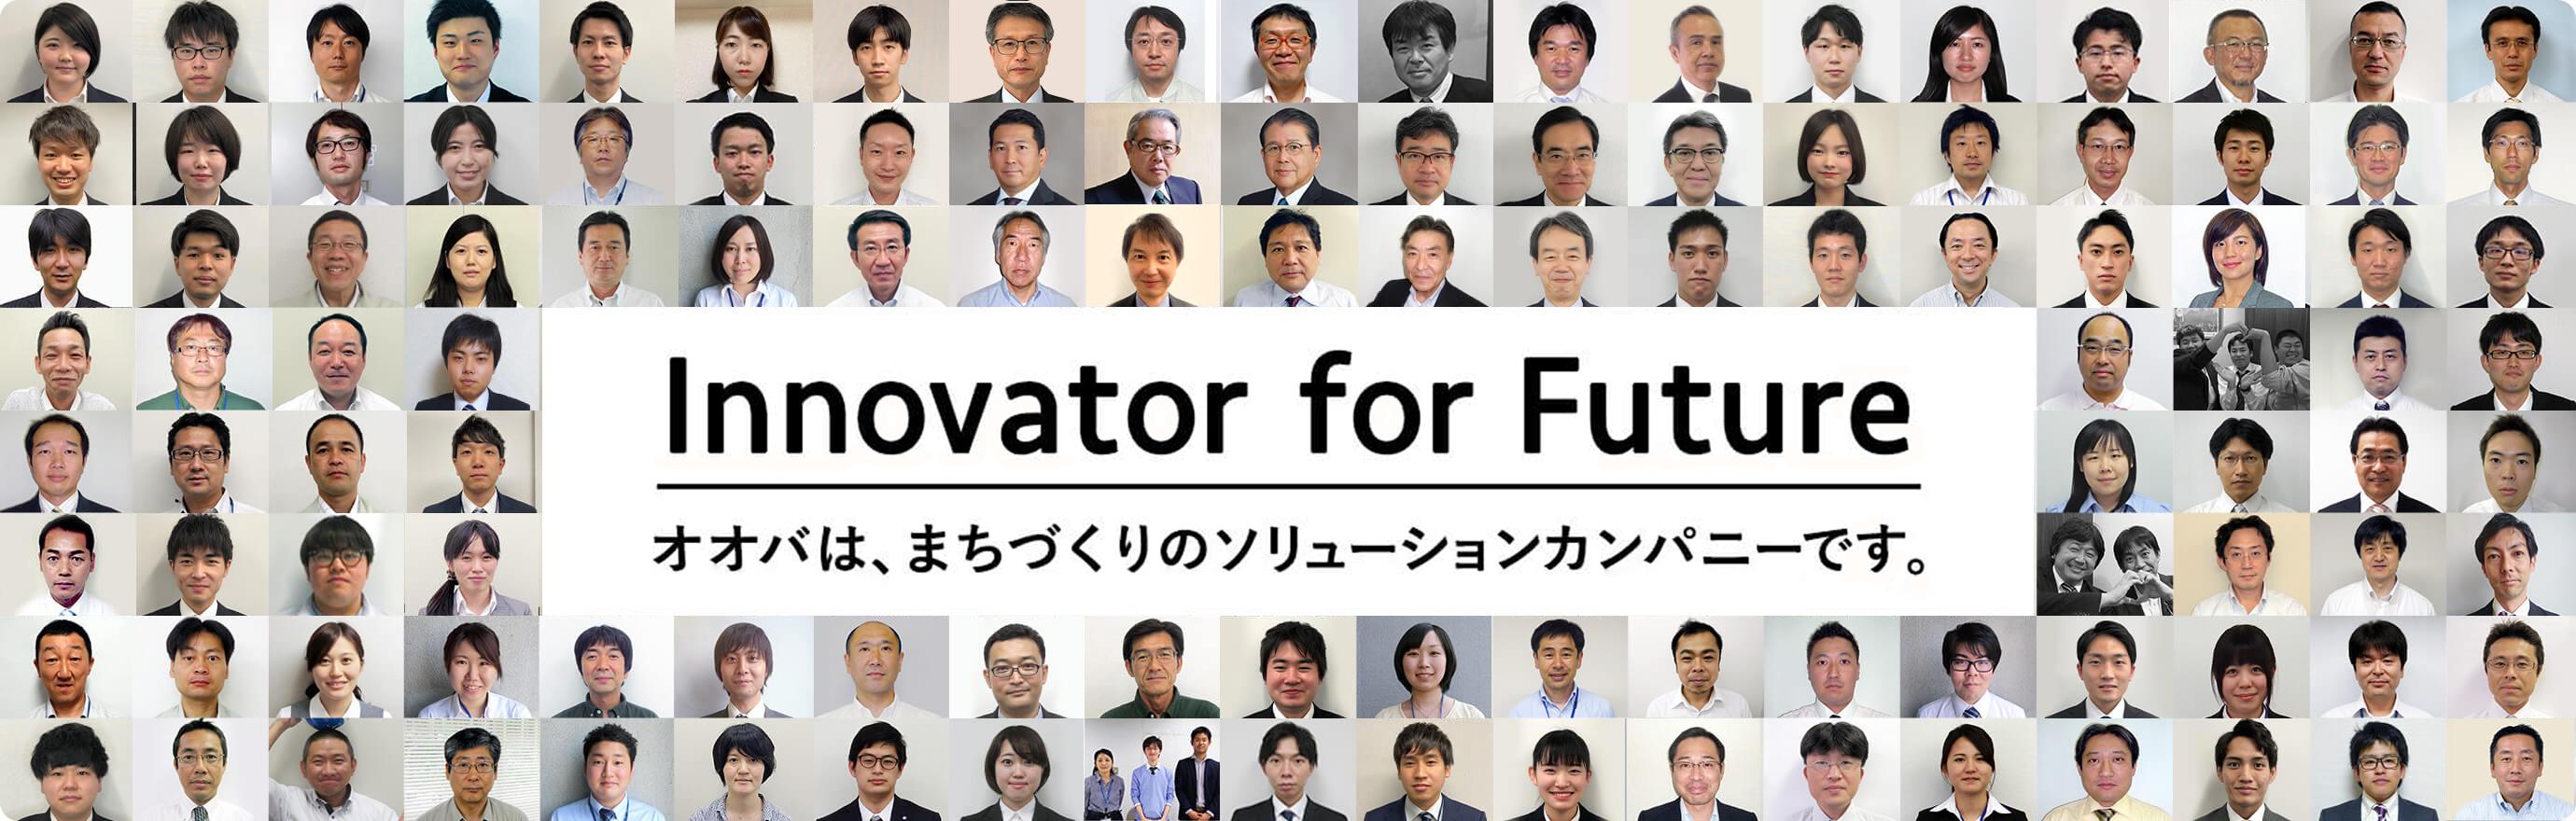 Innovator for Future. オオバは、まちづくりのソリューションカンパニーです。